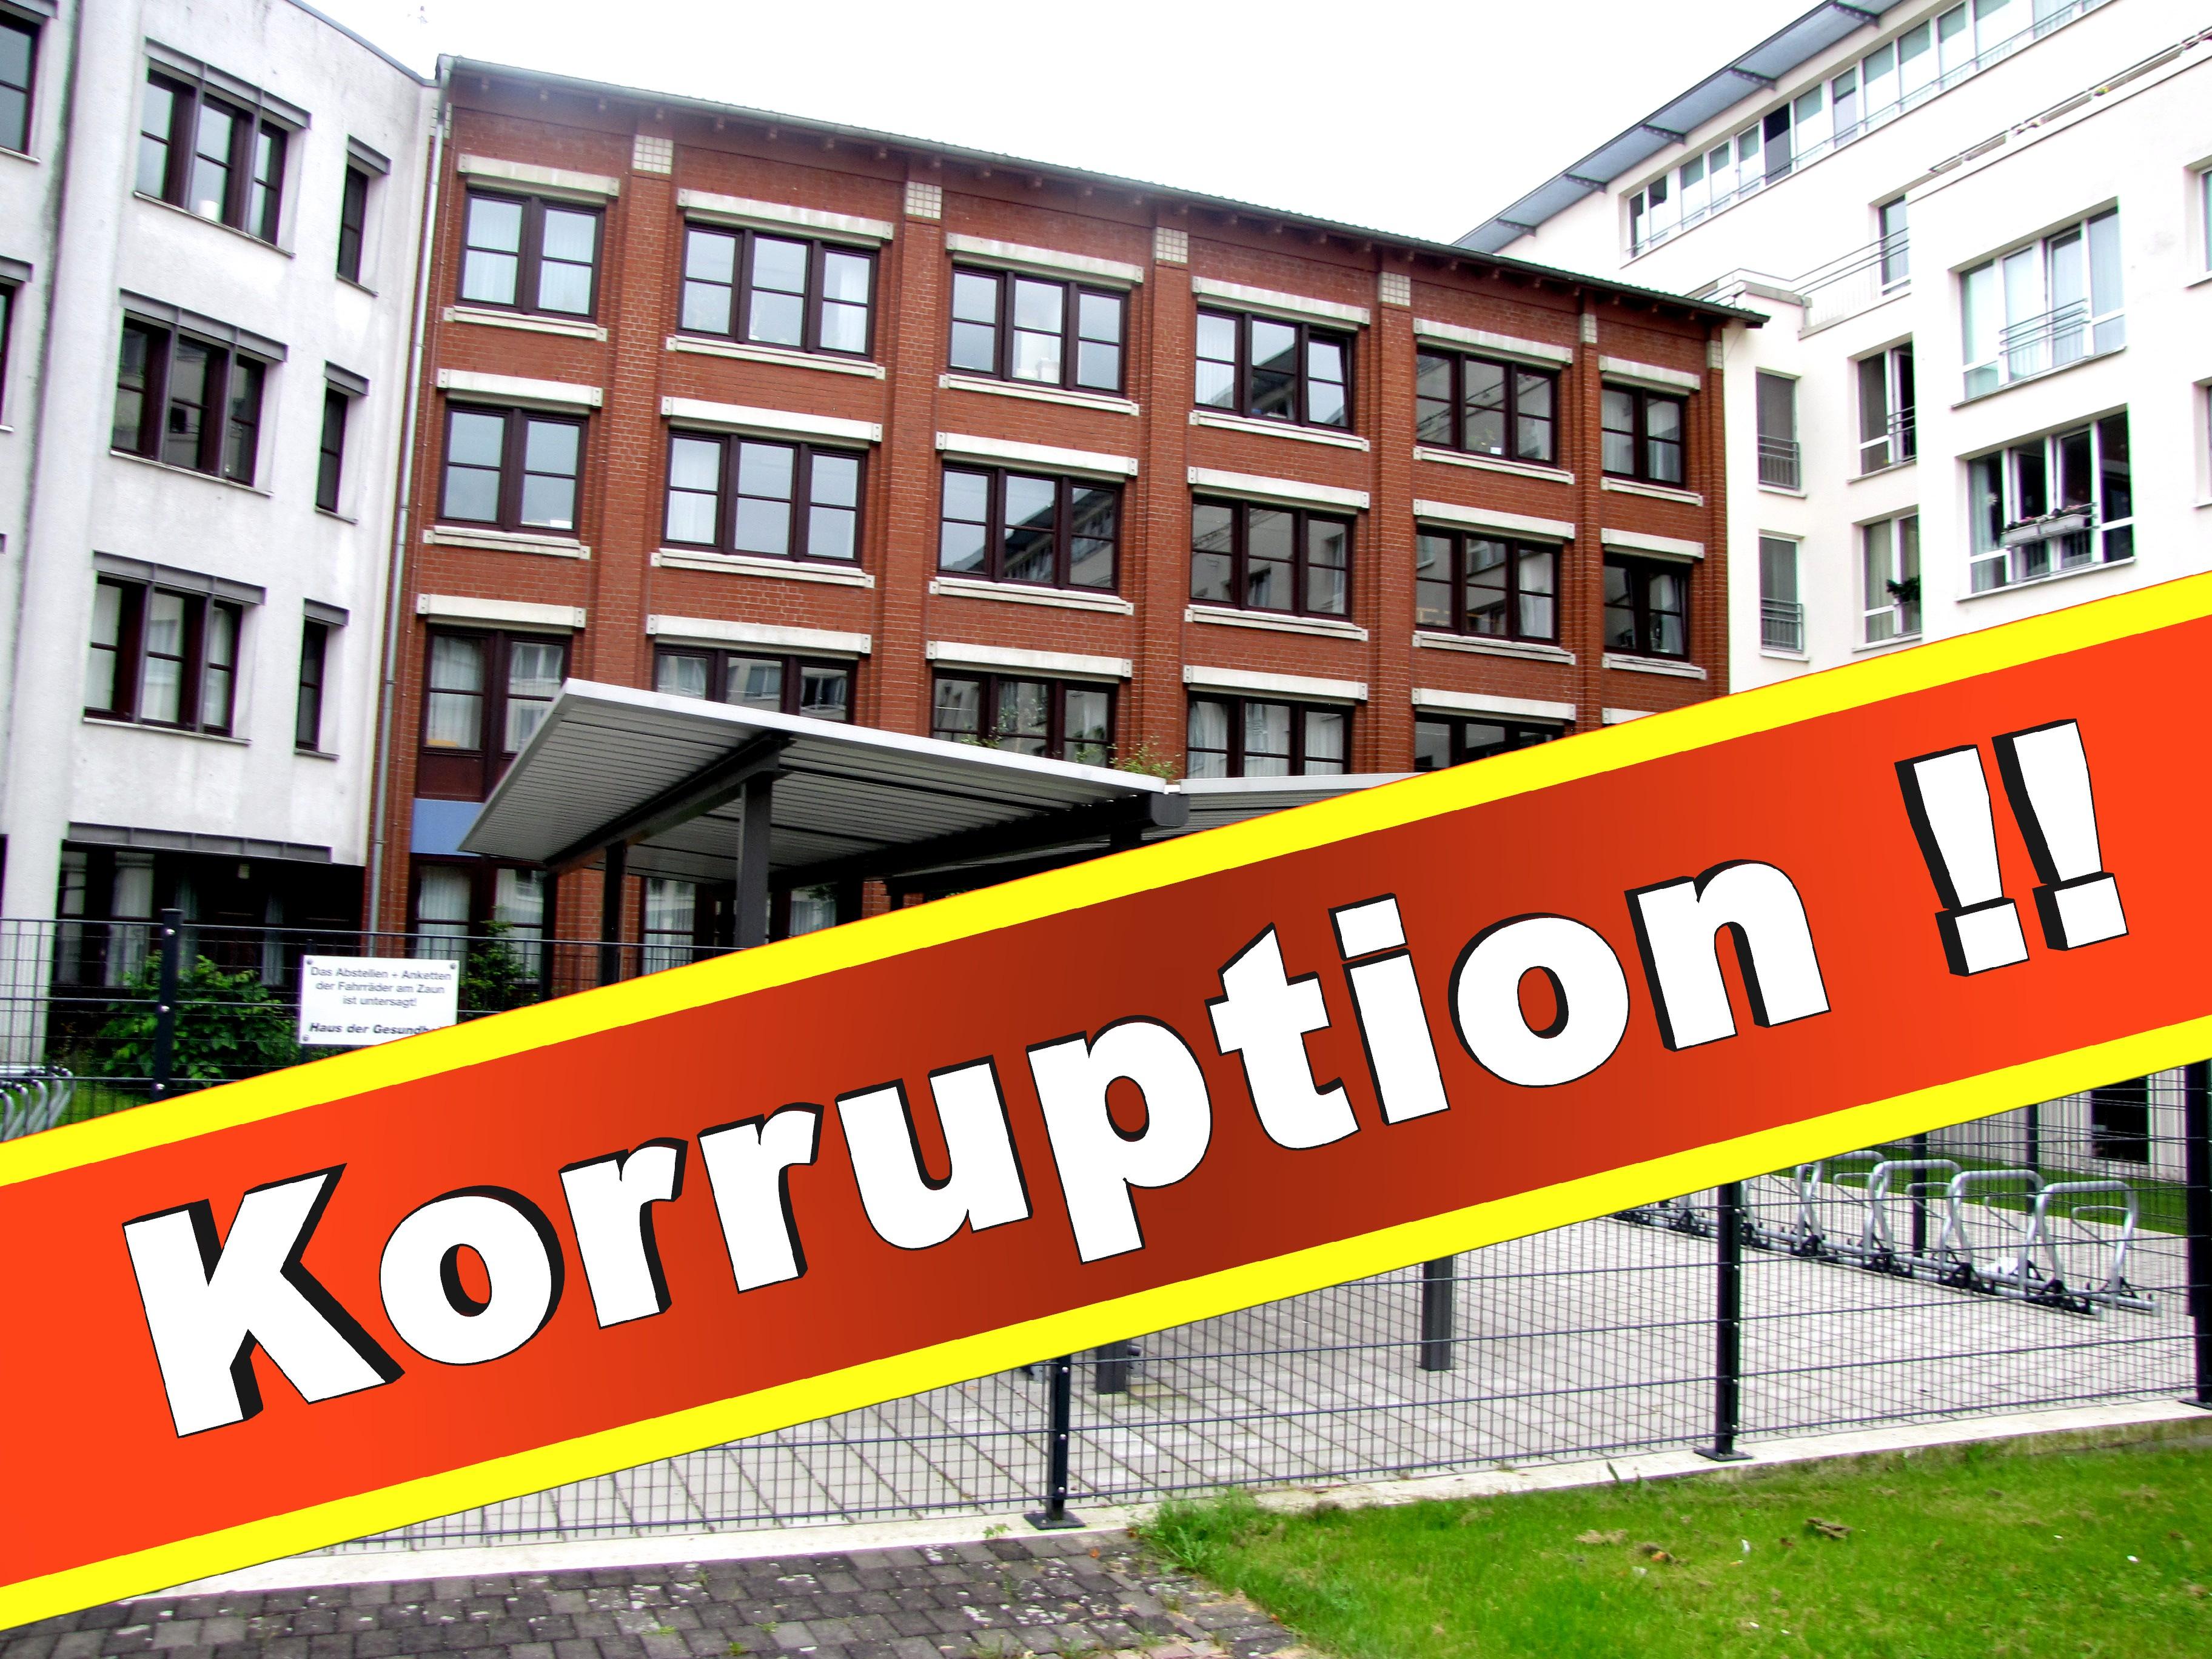 Gesundheitsamt Bielefeld Amtsarzt Adresse Gesundheitsbelehrung Telefon Schuleingangsuntersuchung Bielefeld Parken Gesundheitszeugnis (7)